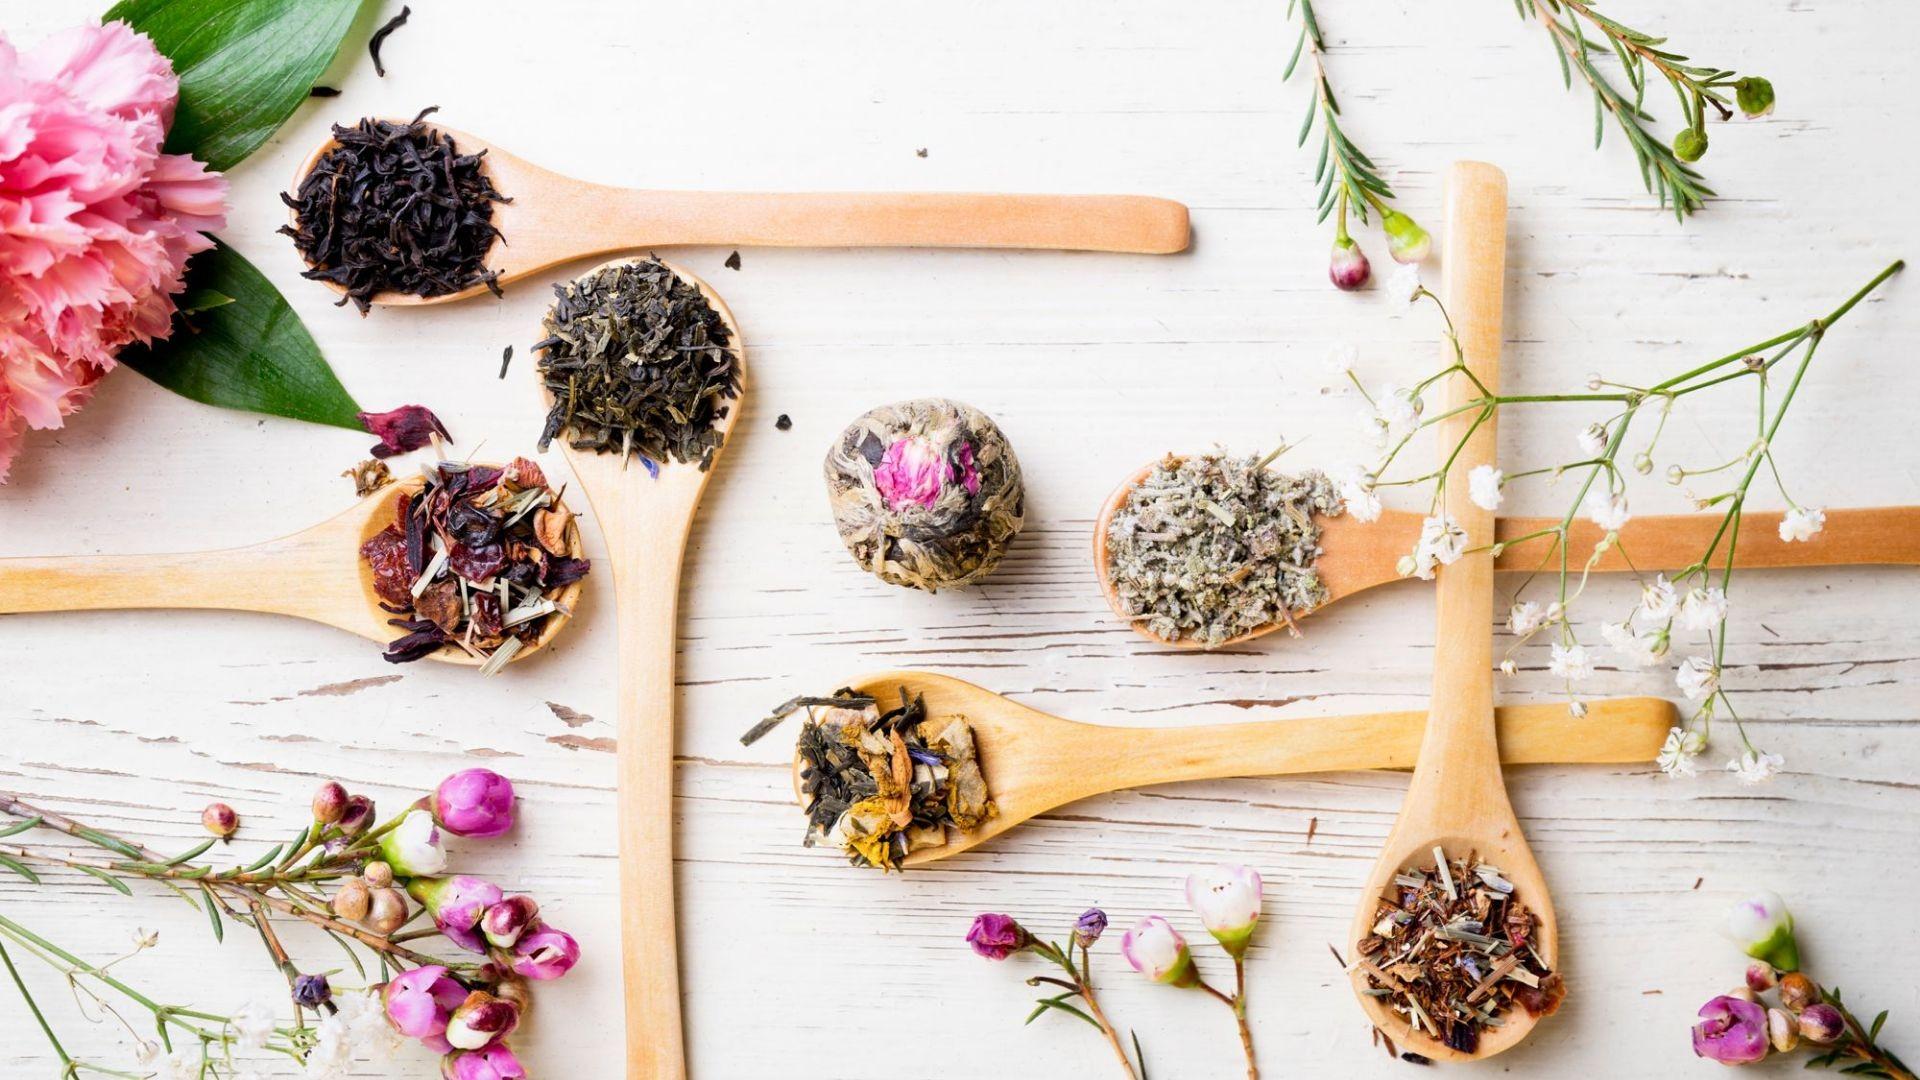 000 herbolario medicina natural plantas medicinales  (2)